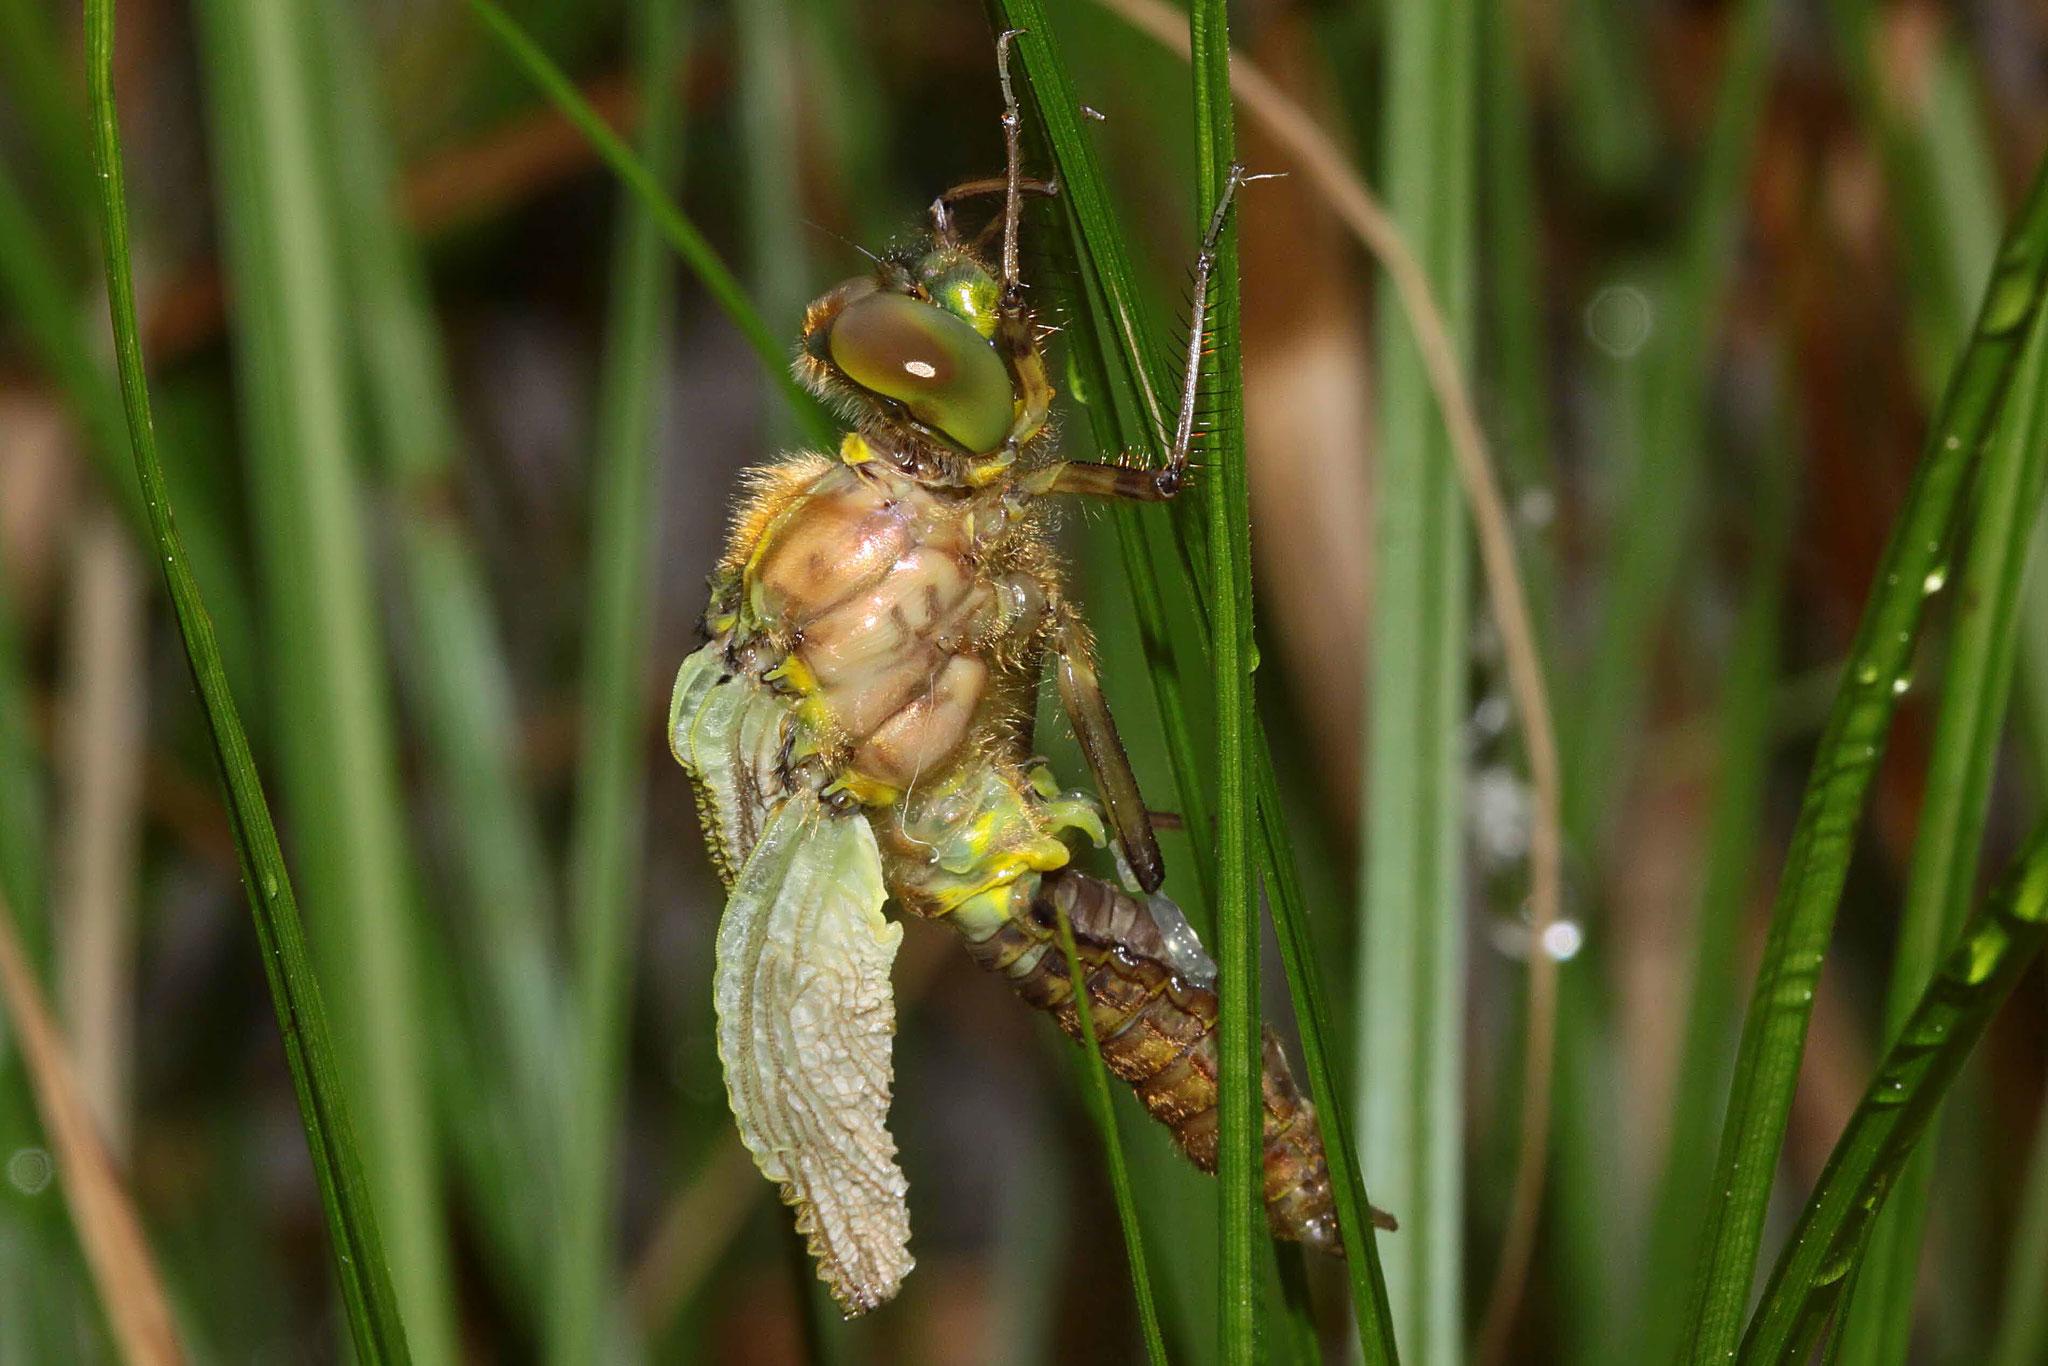 ...sowie das Aufpumpen von Körper und Flügeln mit Hämolymphe.